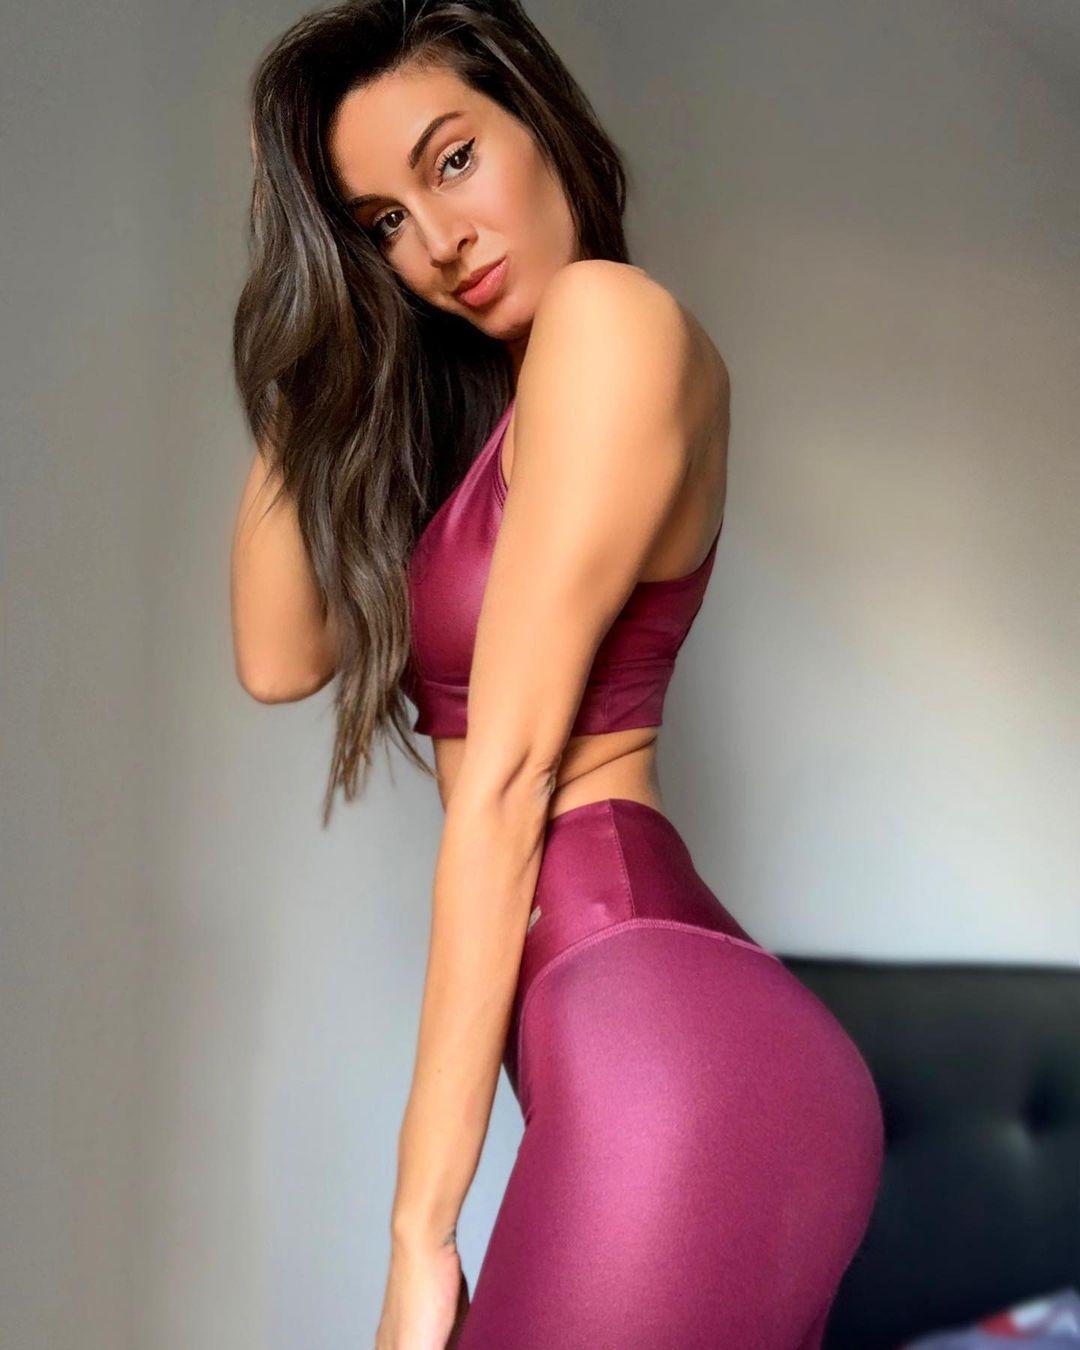 Daniela-Rosati-Wallpapers-Insta-Fit-Bio-4